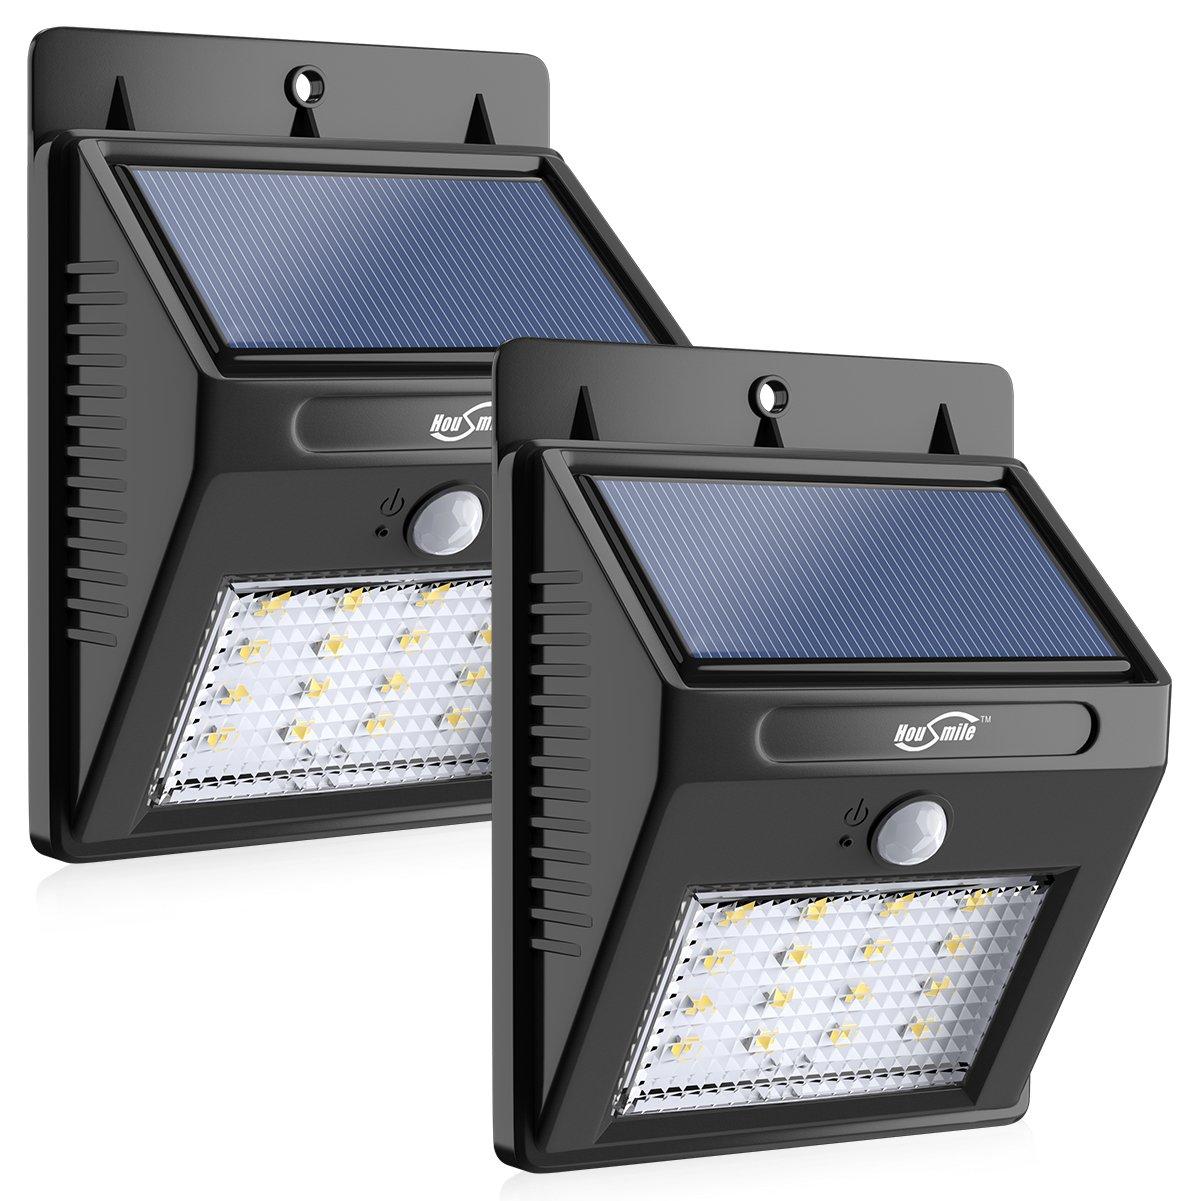 Solar Lights, Housmile 16 LED Super Bright Garden Lights Motion Sensor Outdoor Wireless Waterproof Security Lights for Front Door, Patio, Deck, Yard, Garden, 2 Pack